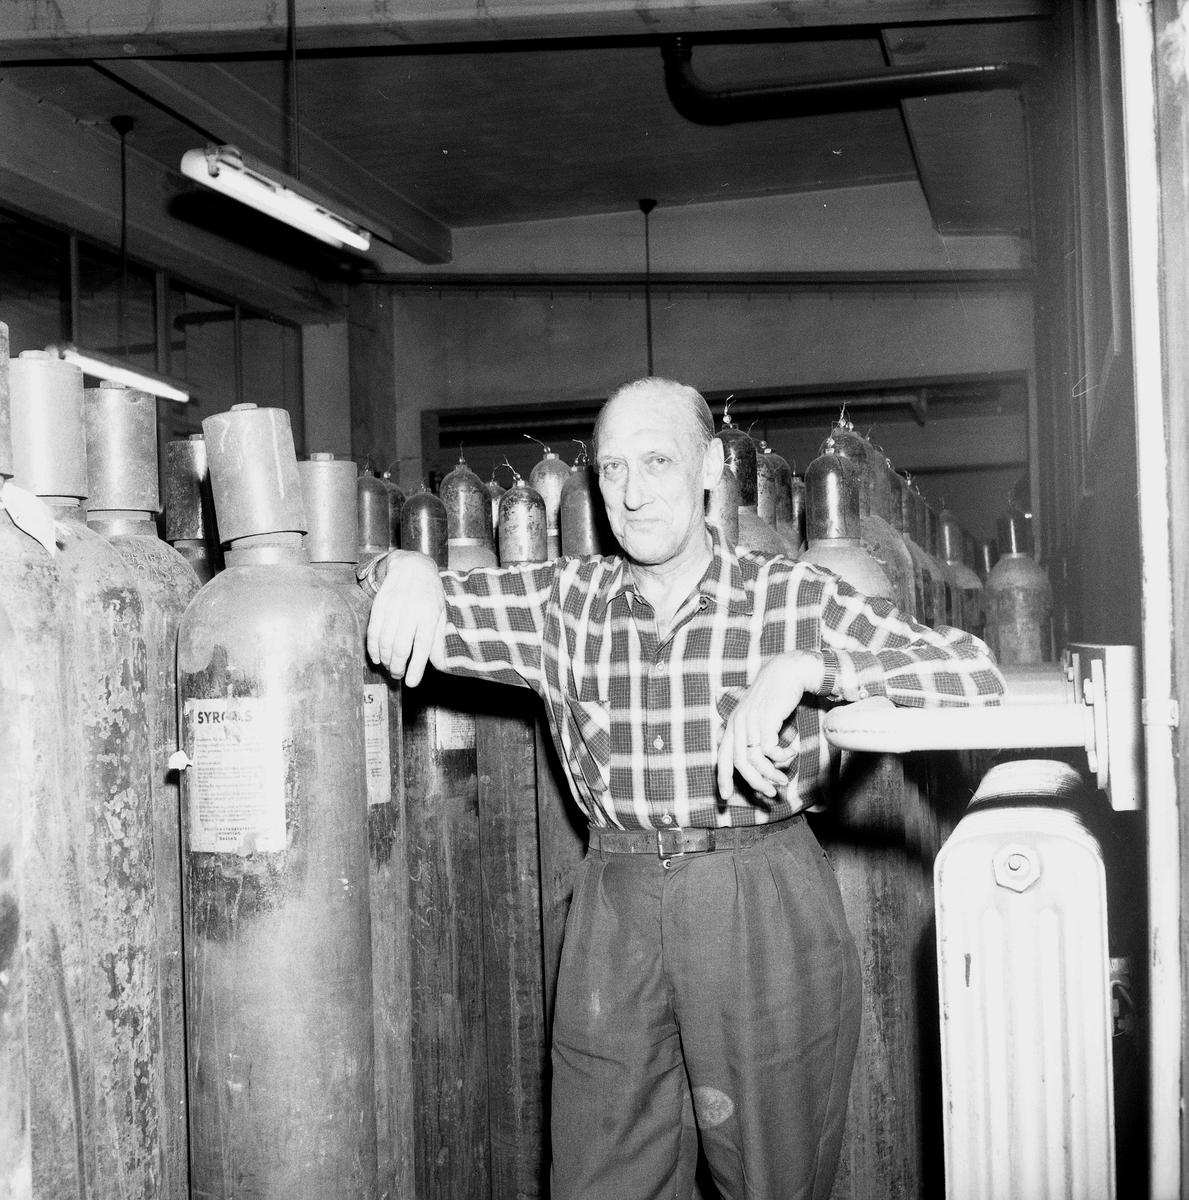 50 år på syrgasfabrik. 28 oktober 1958.